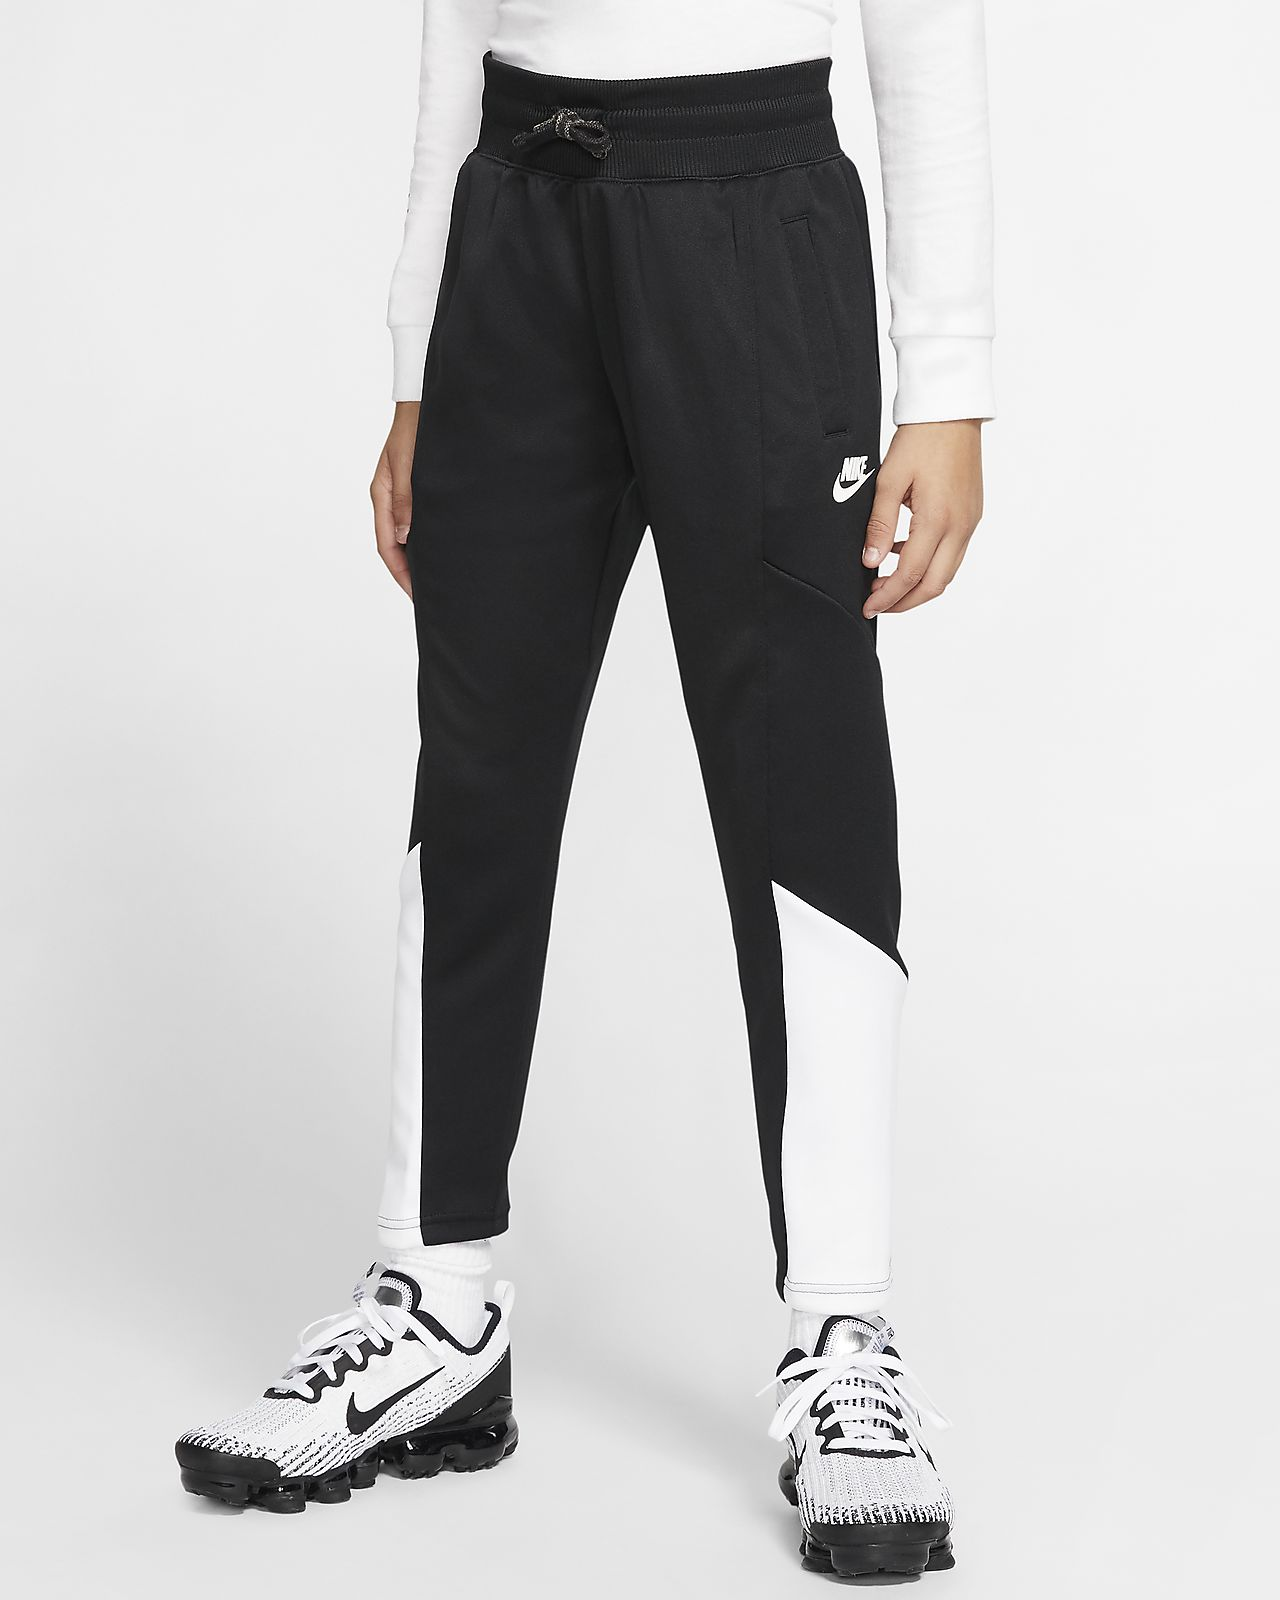 pantaloni nike donna colorati